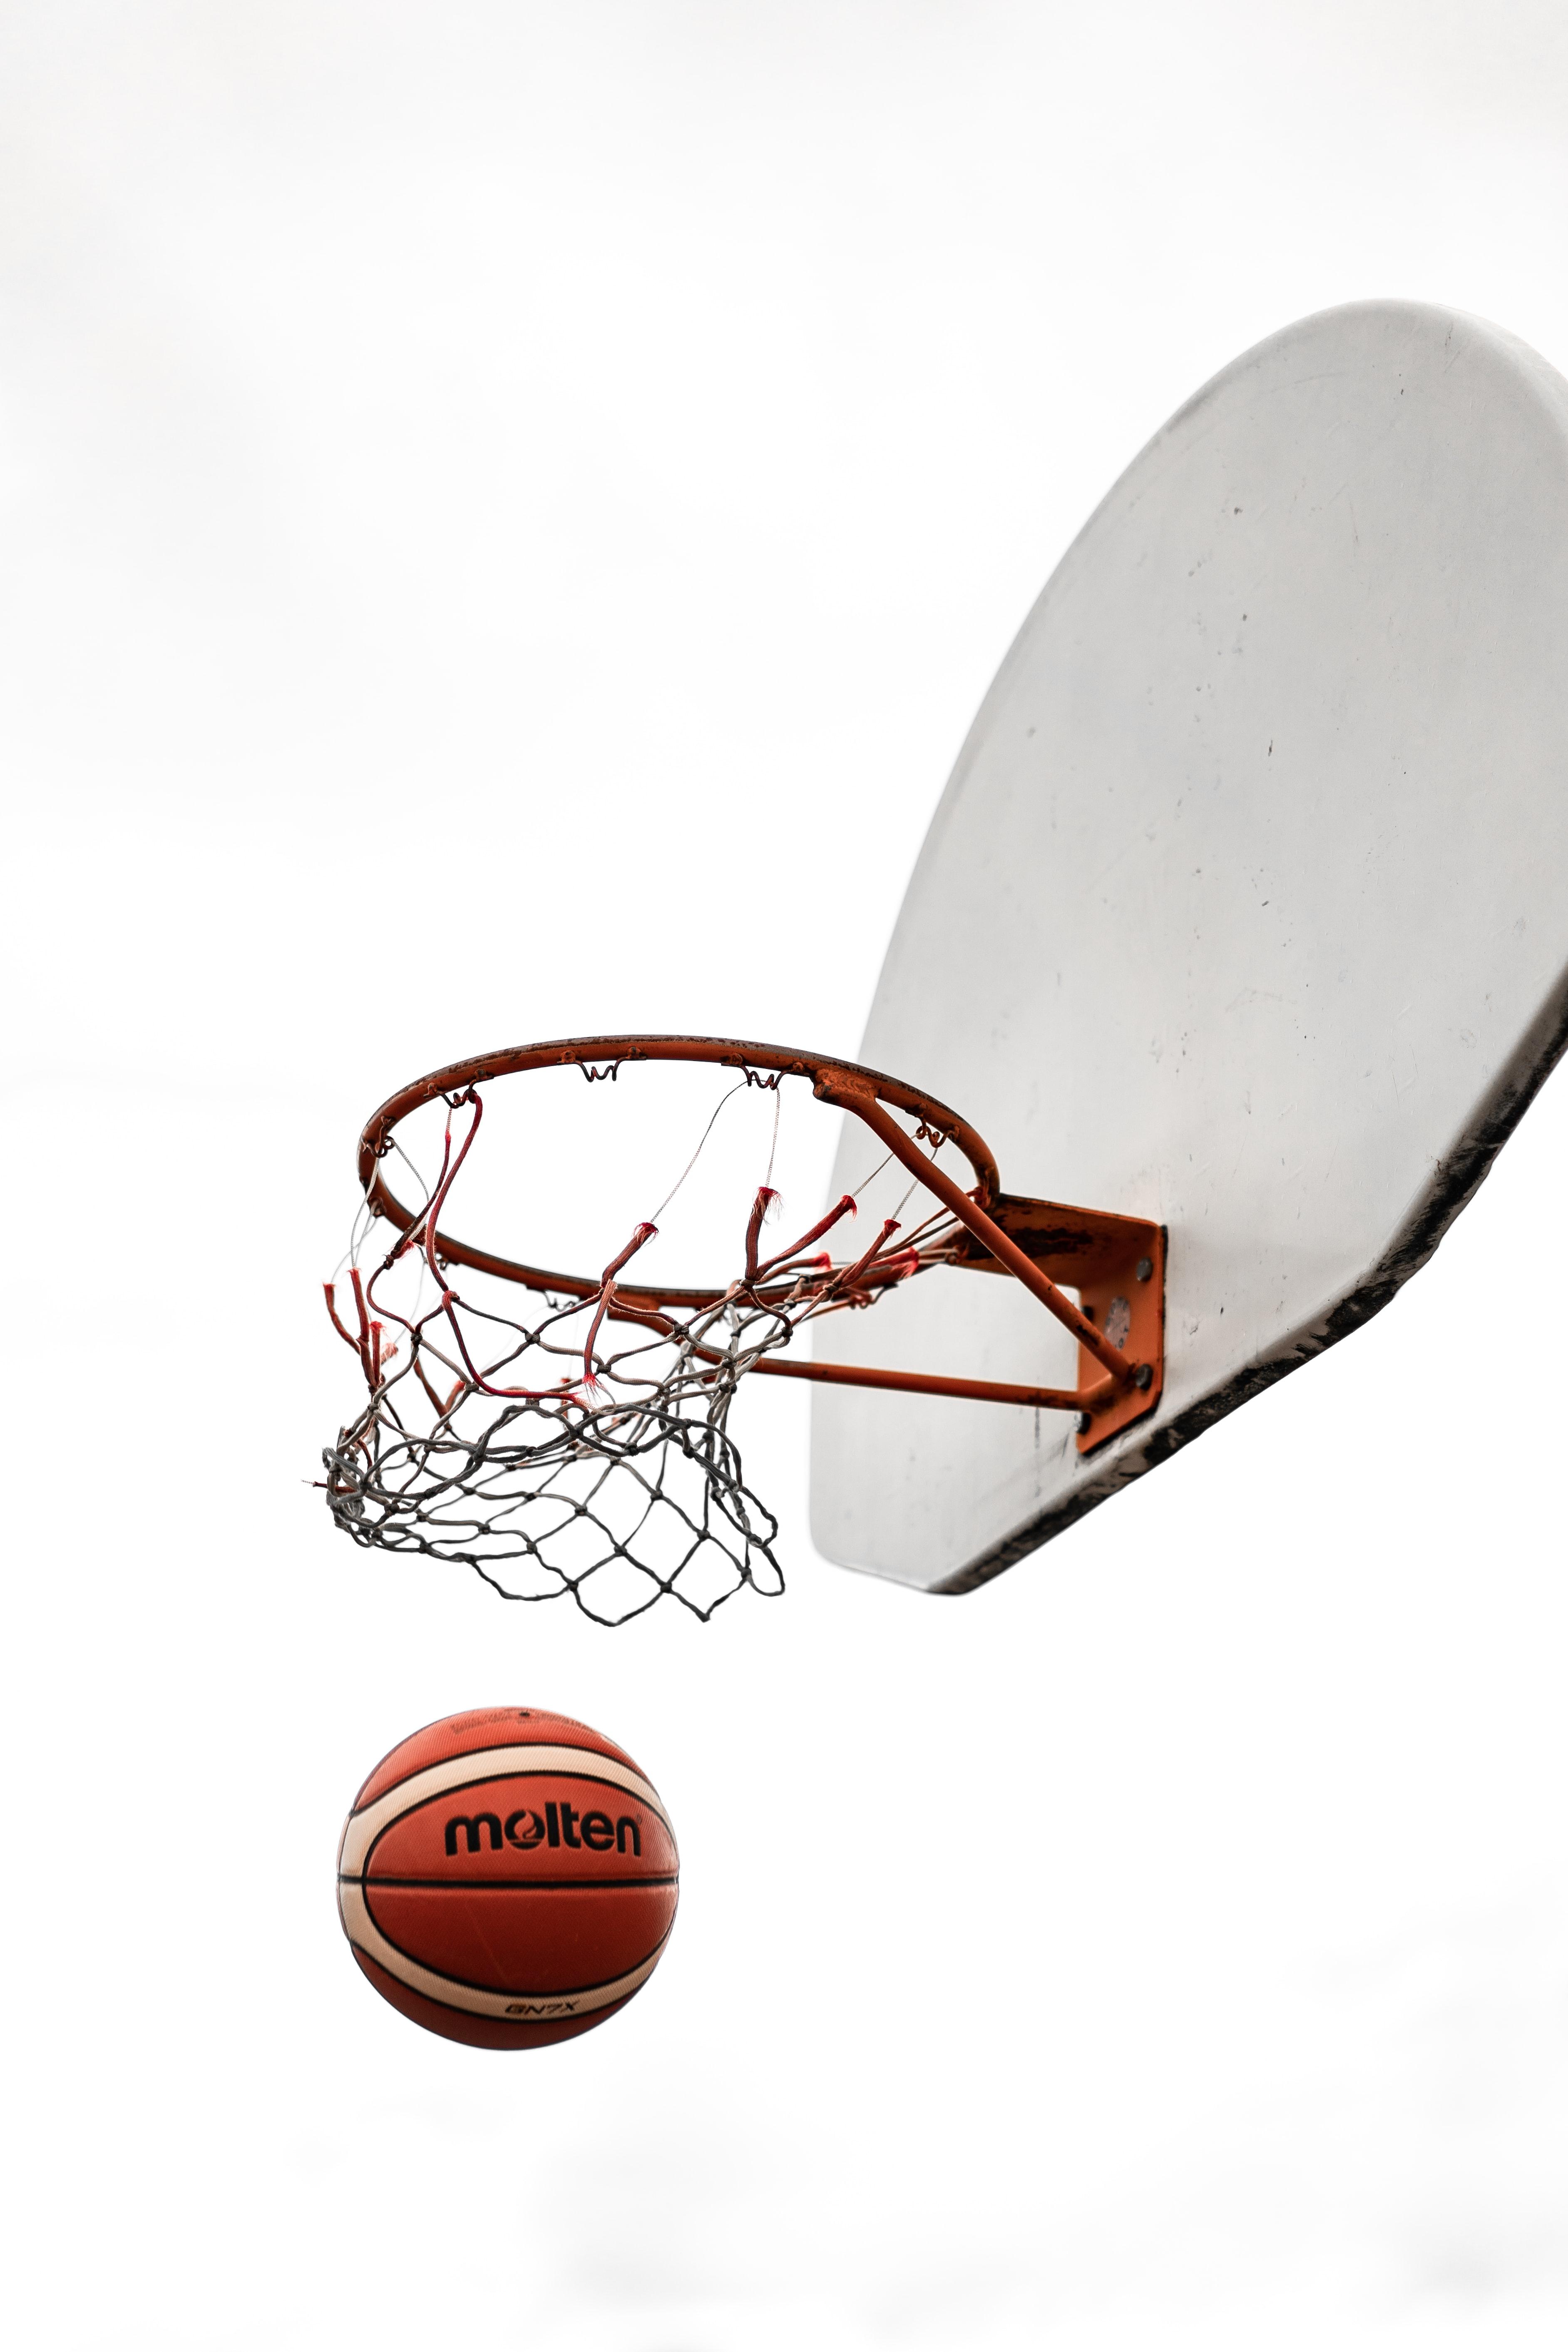 128891 скачать обои Спорт, Баскетбол, Мяч, Баскетбольная Сетка, Баскетбольное Кольцо, Баскетбольный Щит - заставки и картинки бесплатно